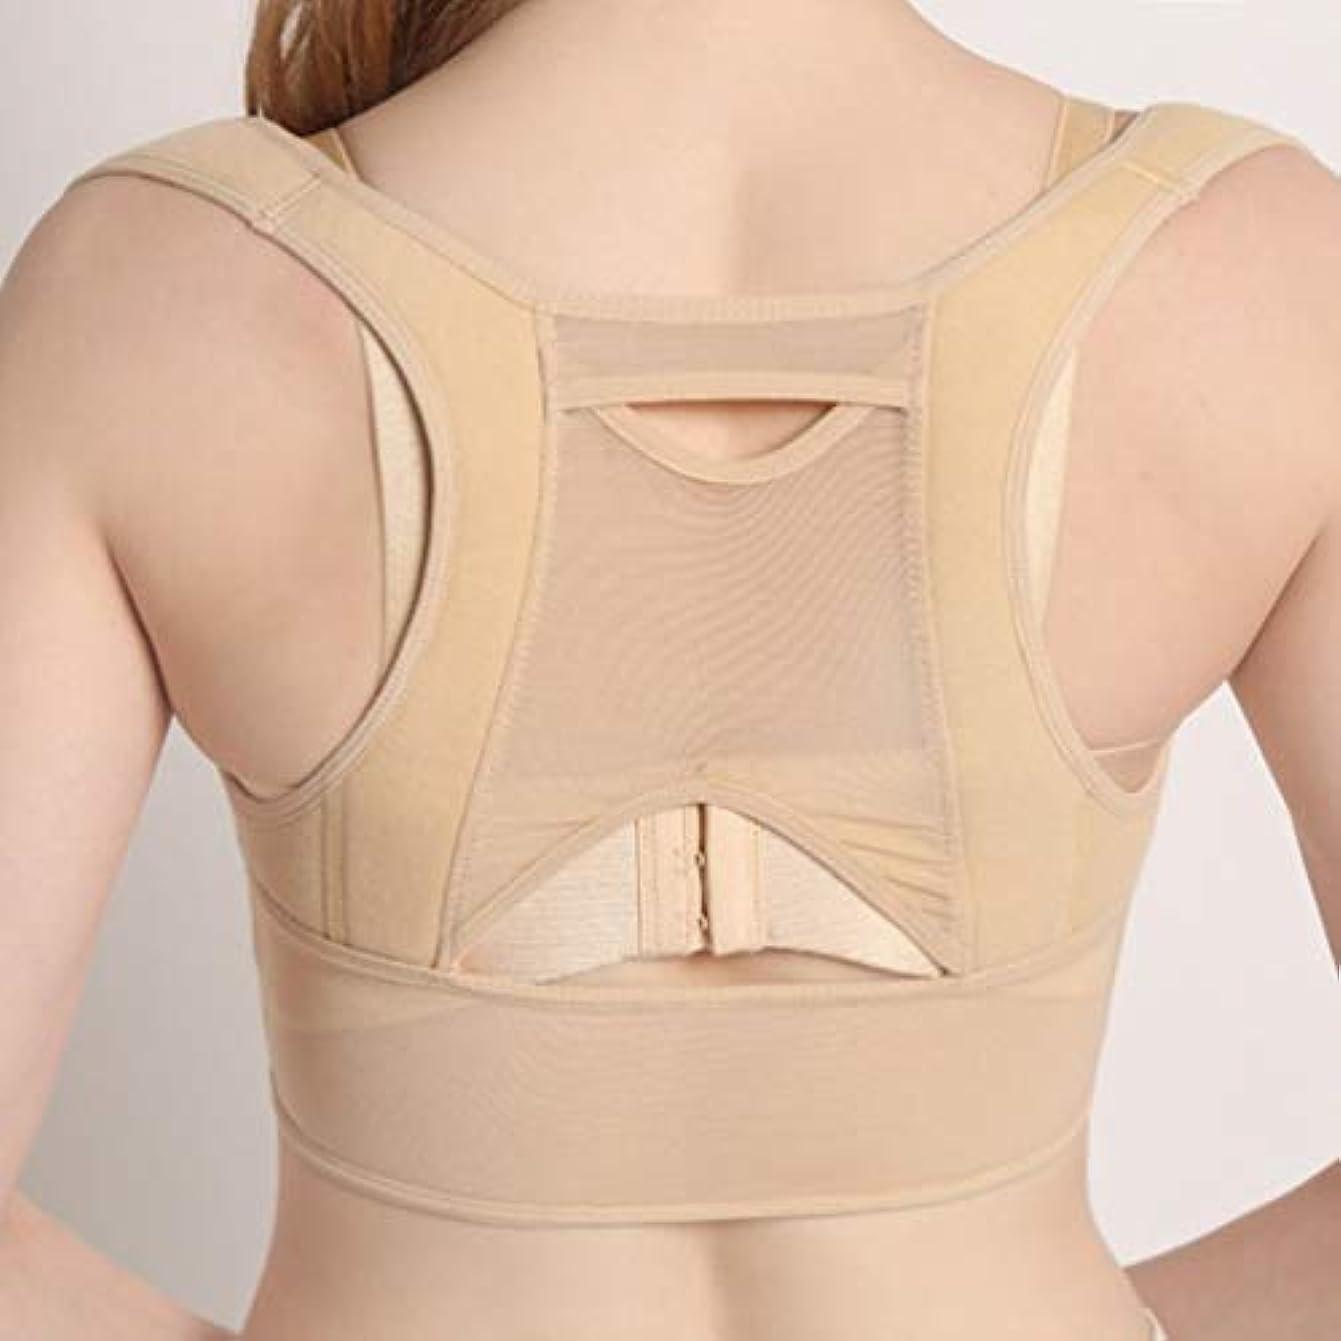 カード名誉監督する通気性のある女性の背中の姿勢矯正コルセット整形外科の肩の背骨の姿勢矯正腰椎サポート - ベージュホワイトM